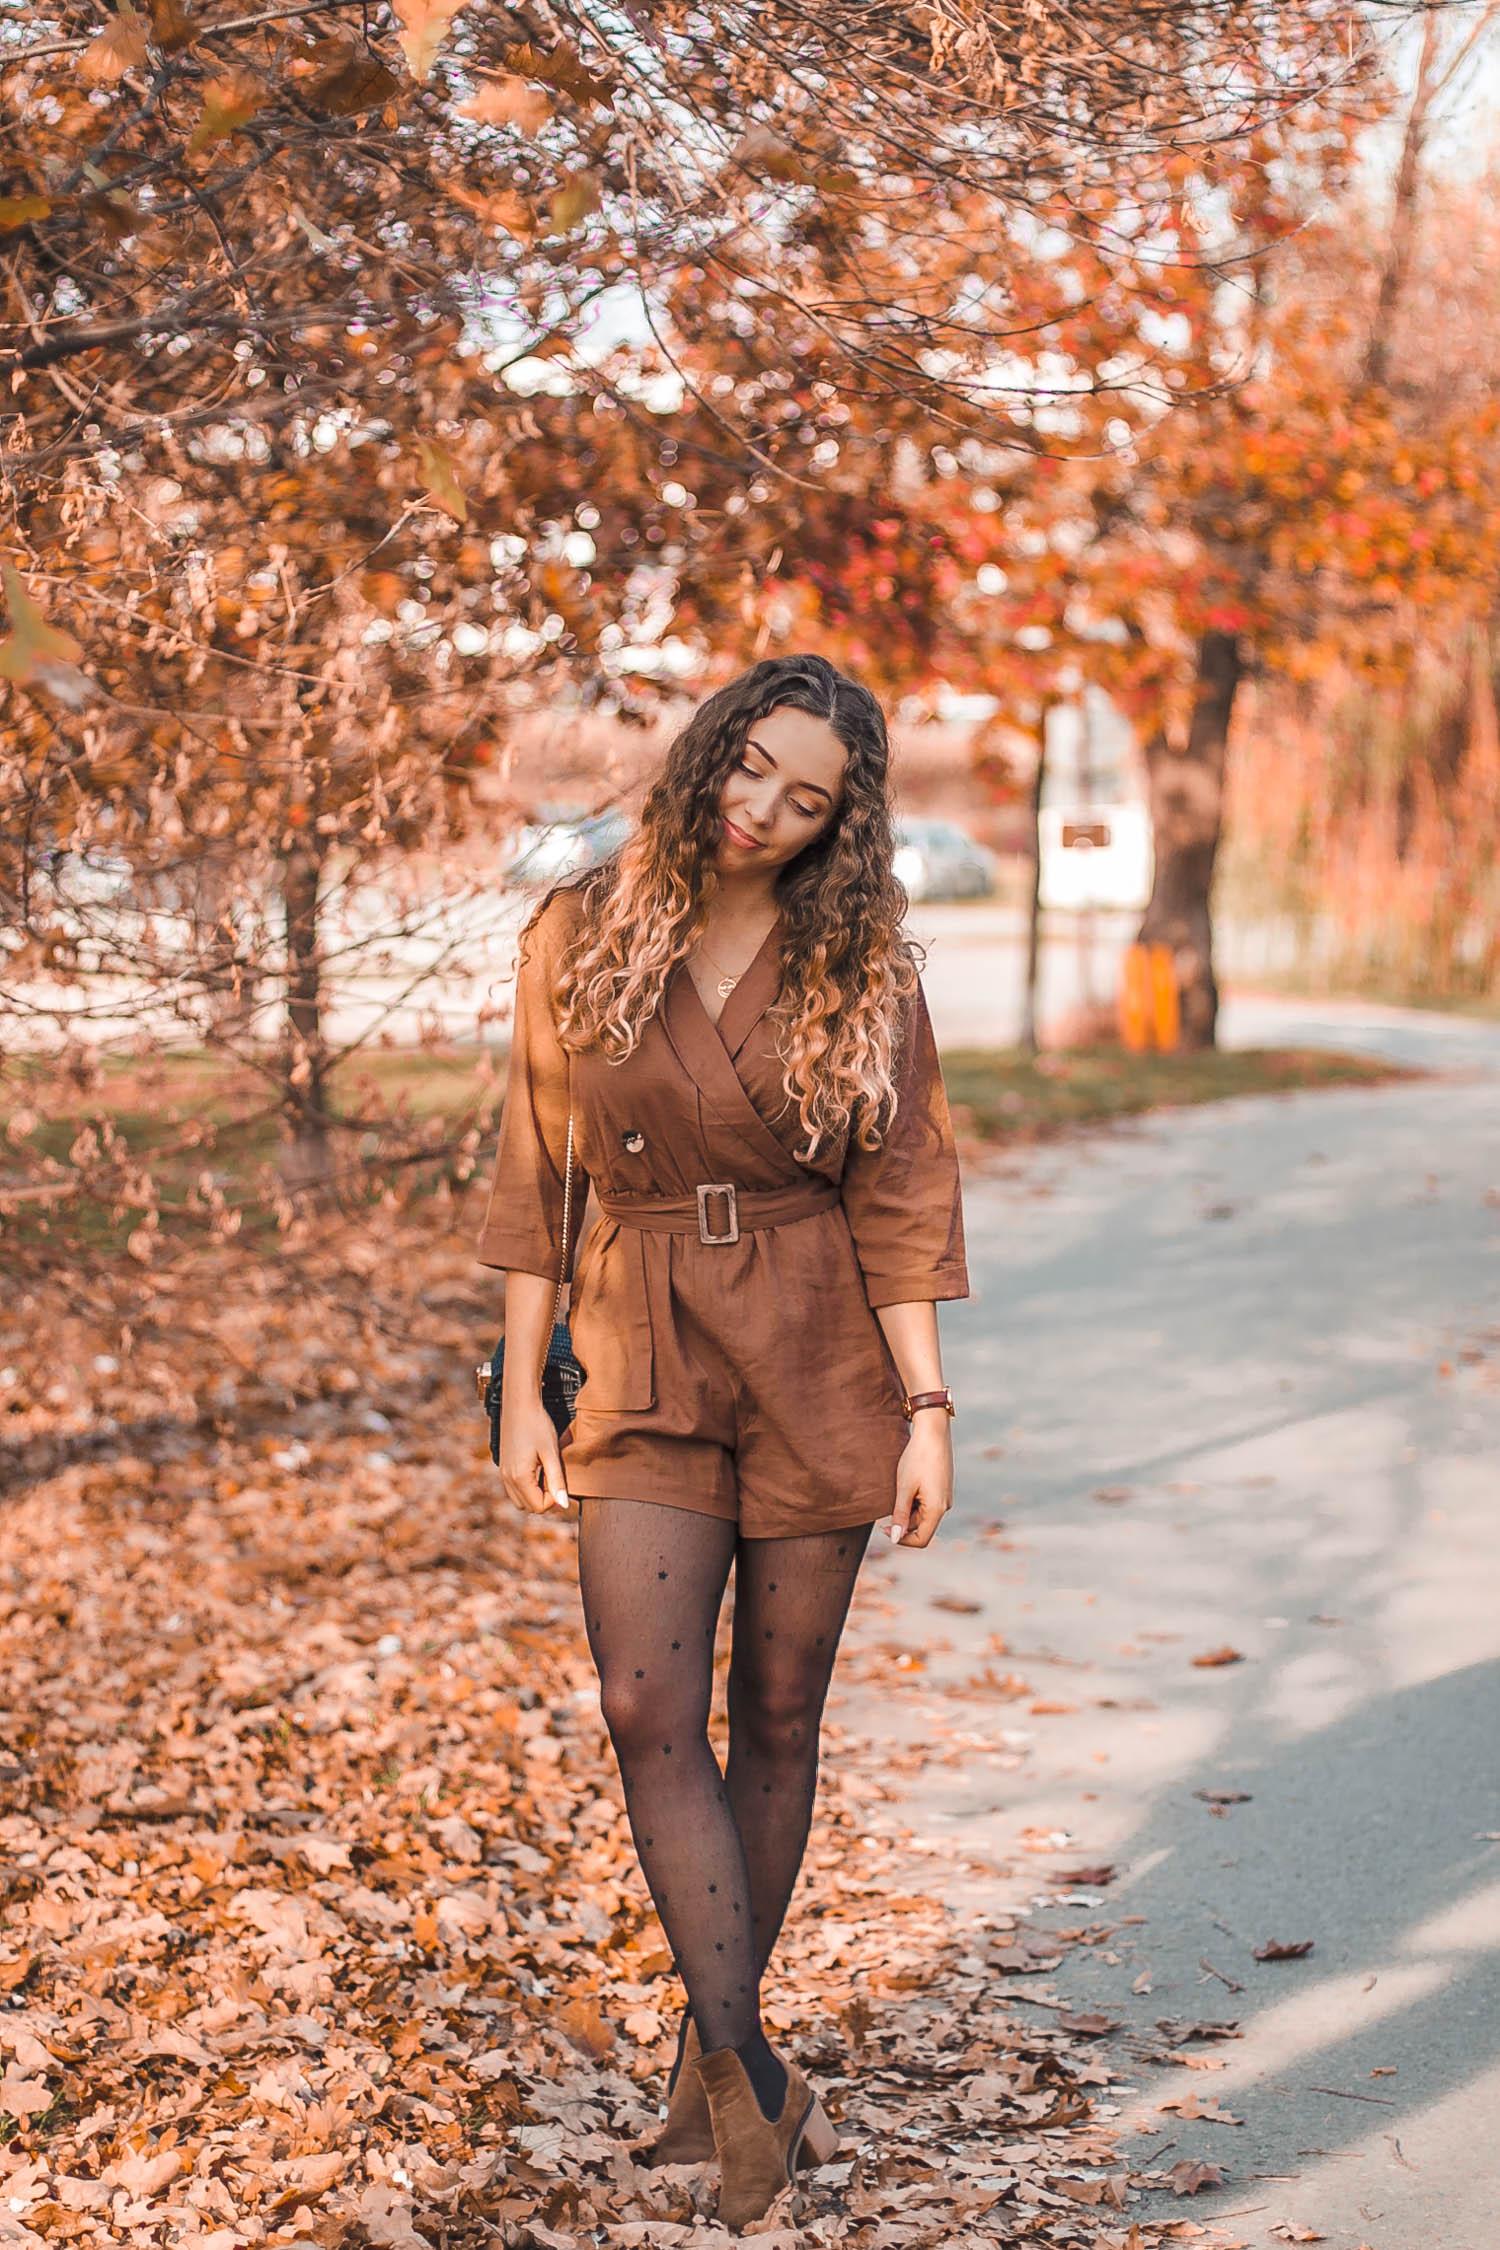 kombinezon lniany na jesień